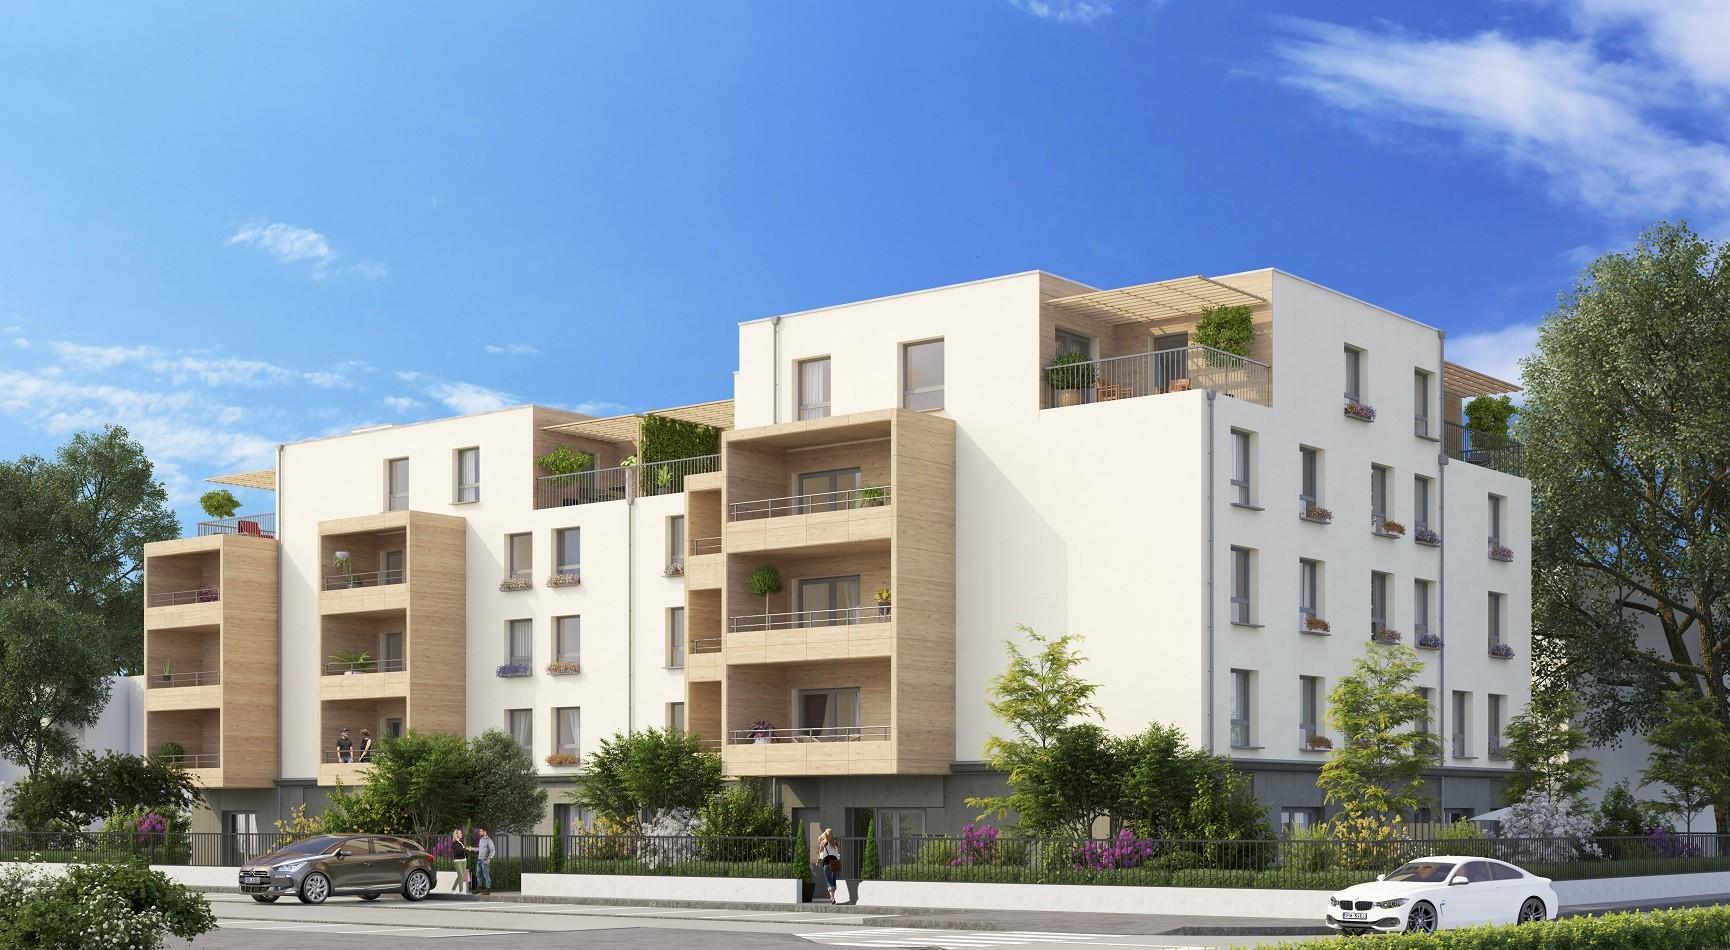 Programme immobilier EQ3 appartement à Meximieux(01800) COEUR CENTRE VILLE